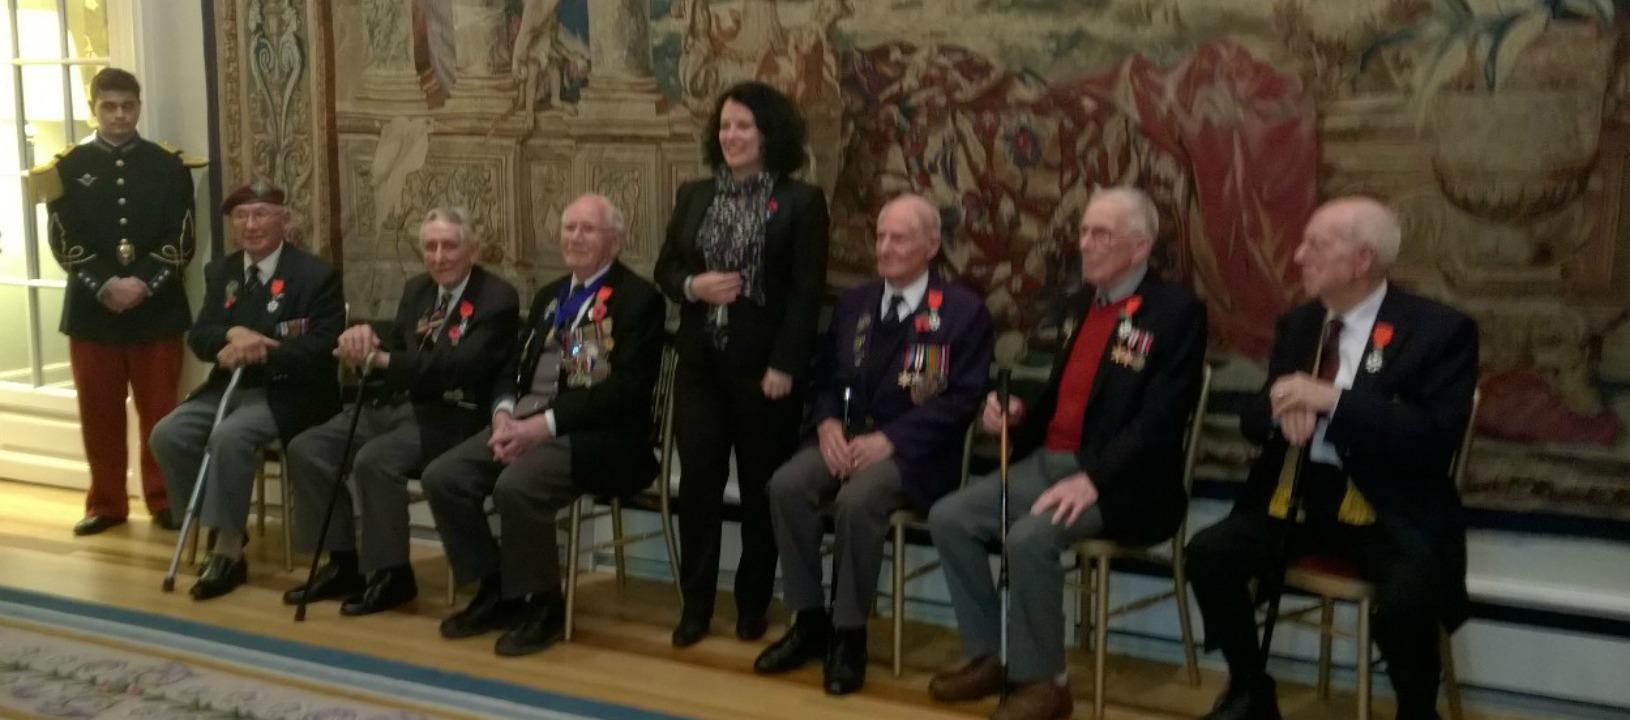 Sylvie Bermann, ambassadeur de France au Royaume-Uni, a remis les insignes de Chevalier de la Légion d'Honneur à six vétérans britanniques de la Seconde Guerre mondiale